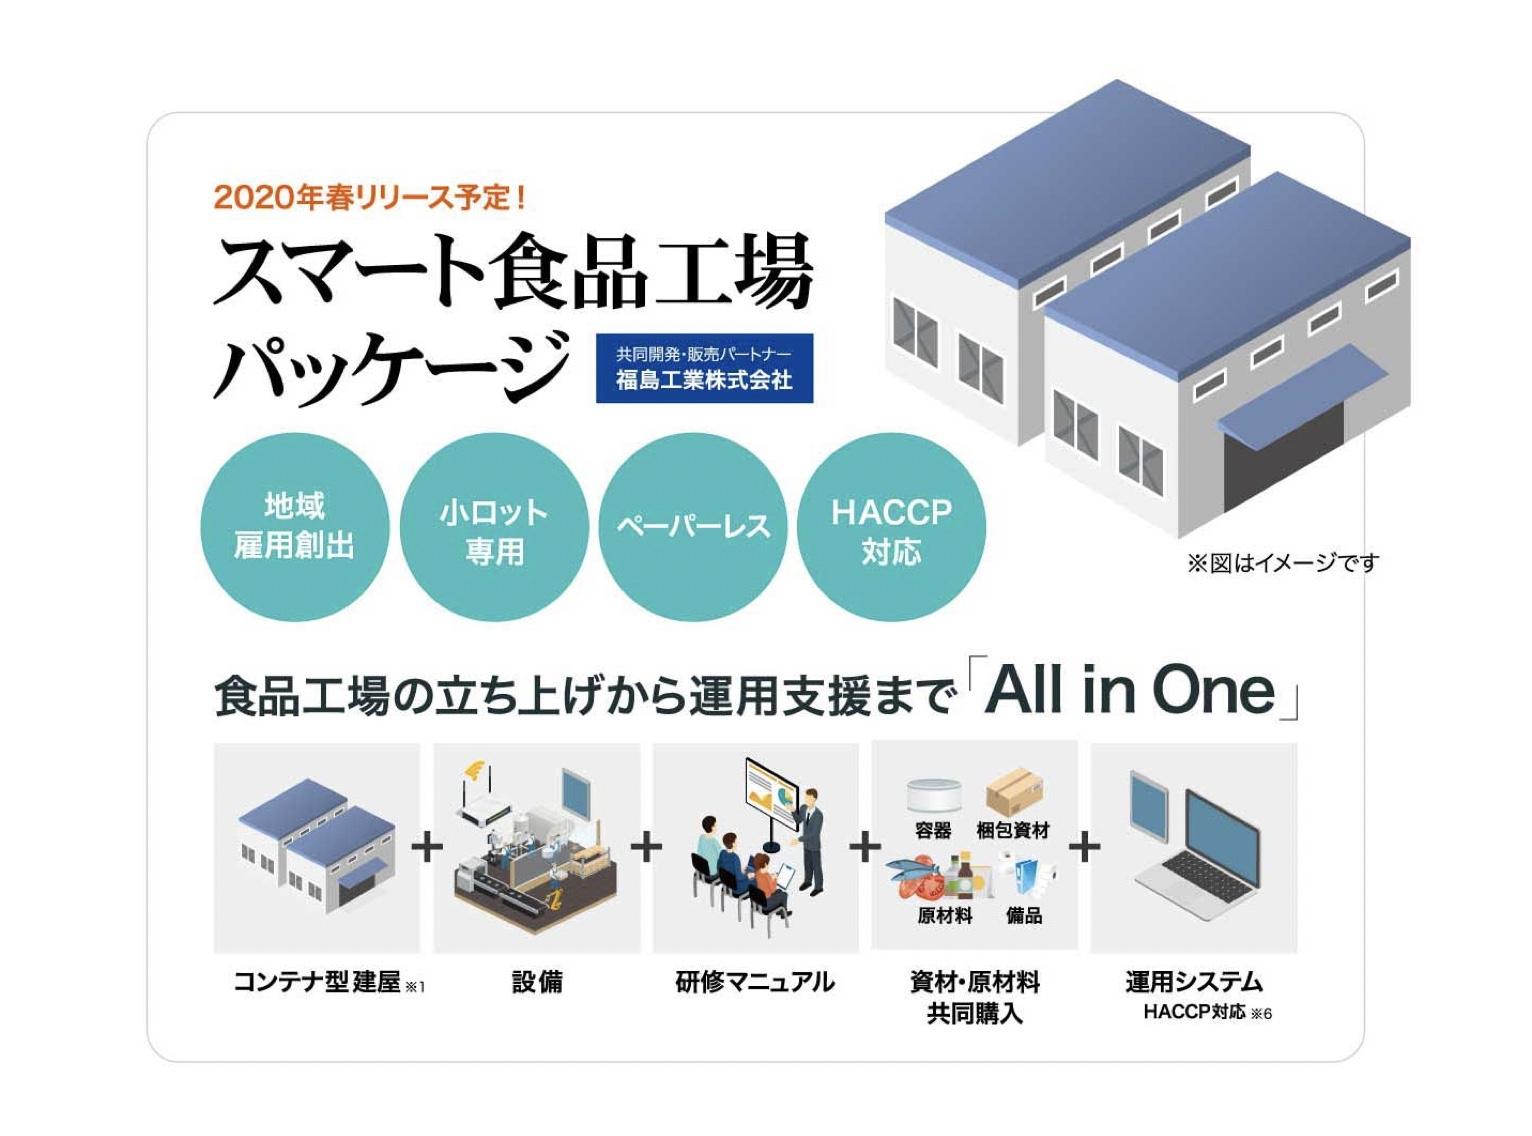 カンブライト×福島工業|缶詰食品スマート工場パッケージの共同開発及び提供に向けて業務提携